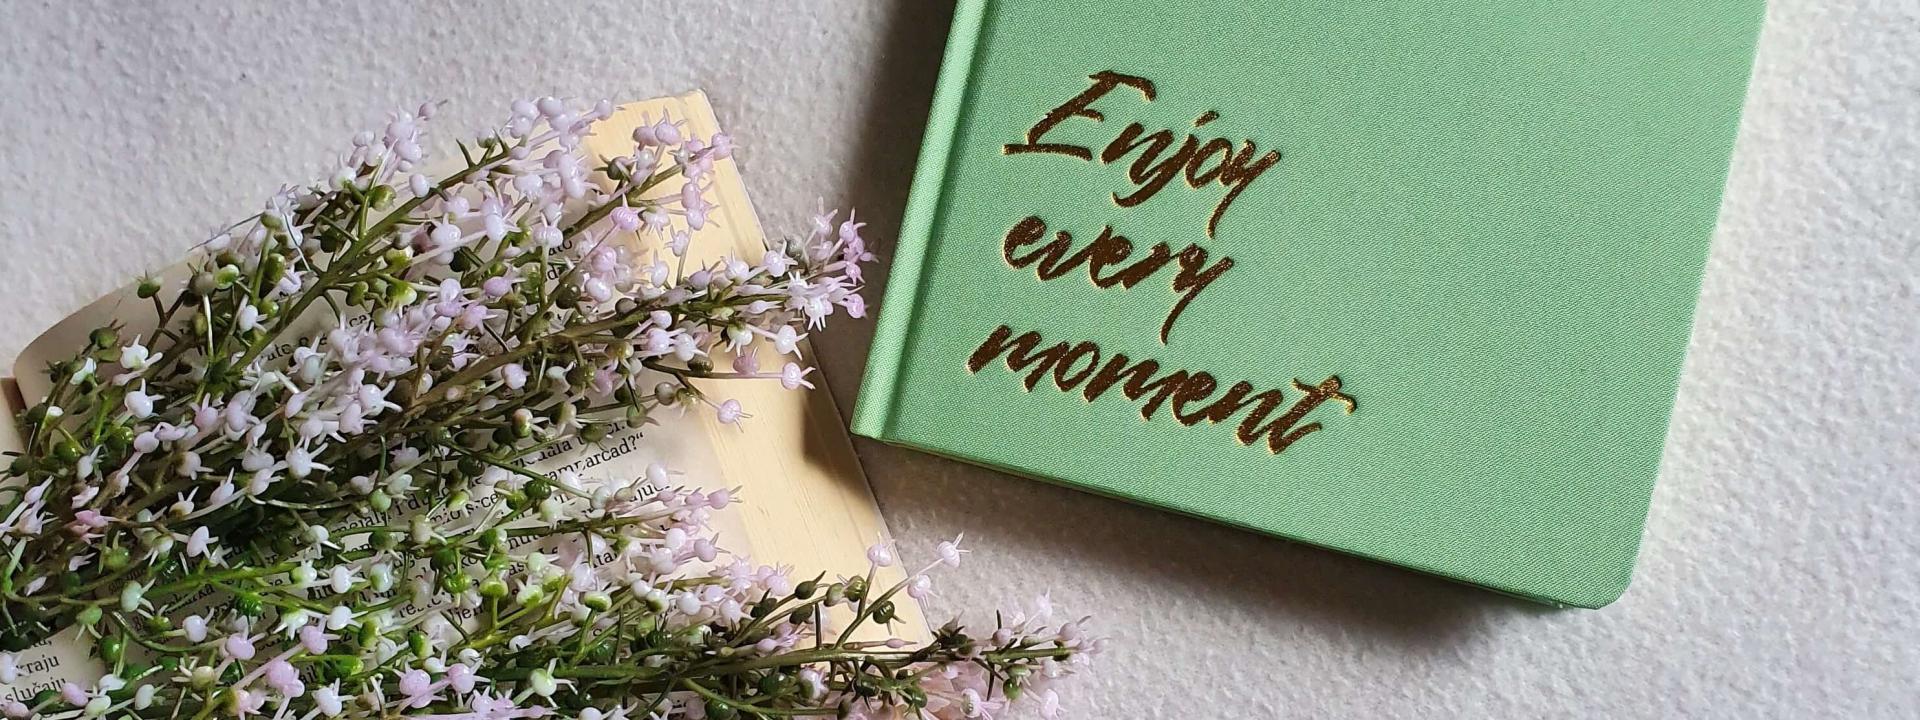 cahier réutilisable habitudes